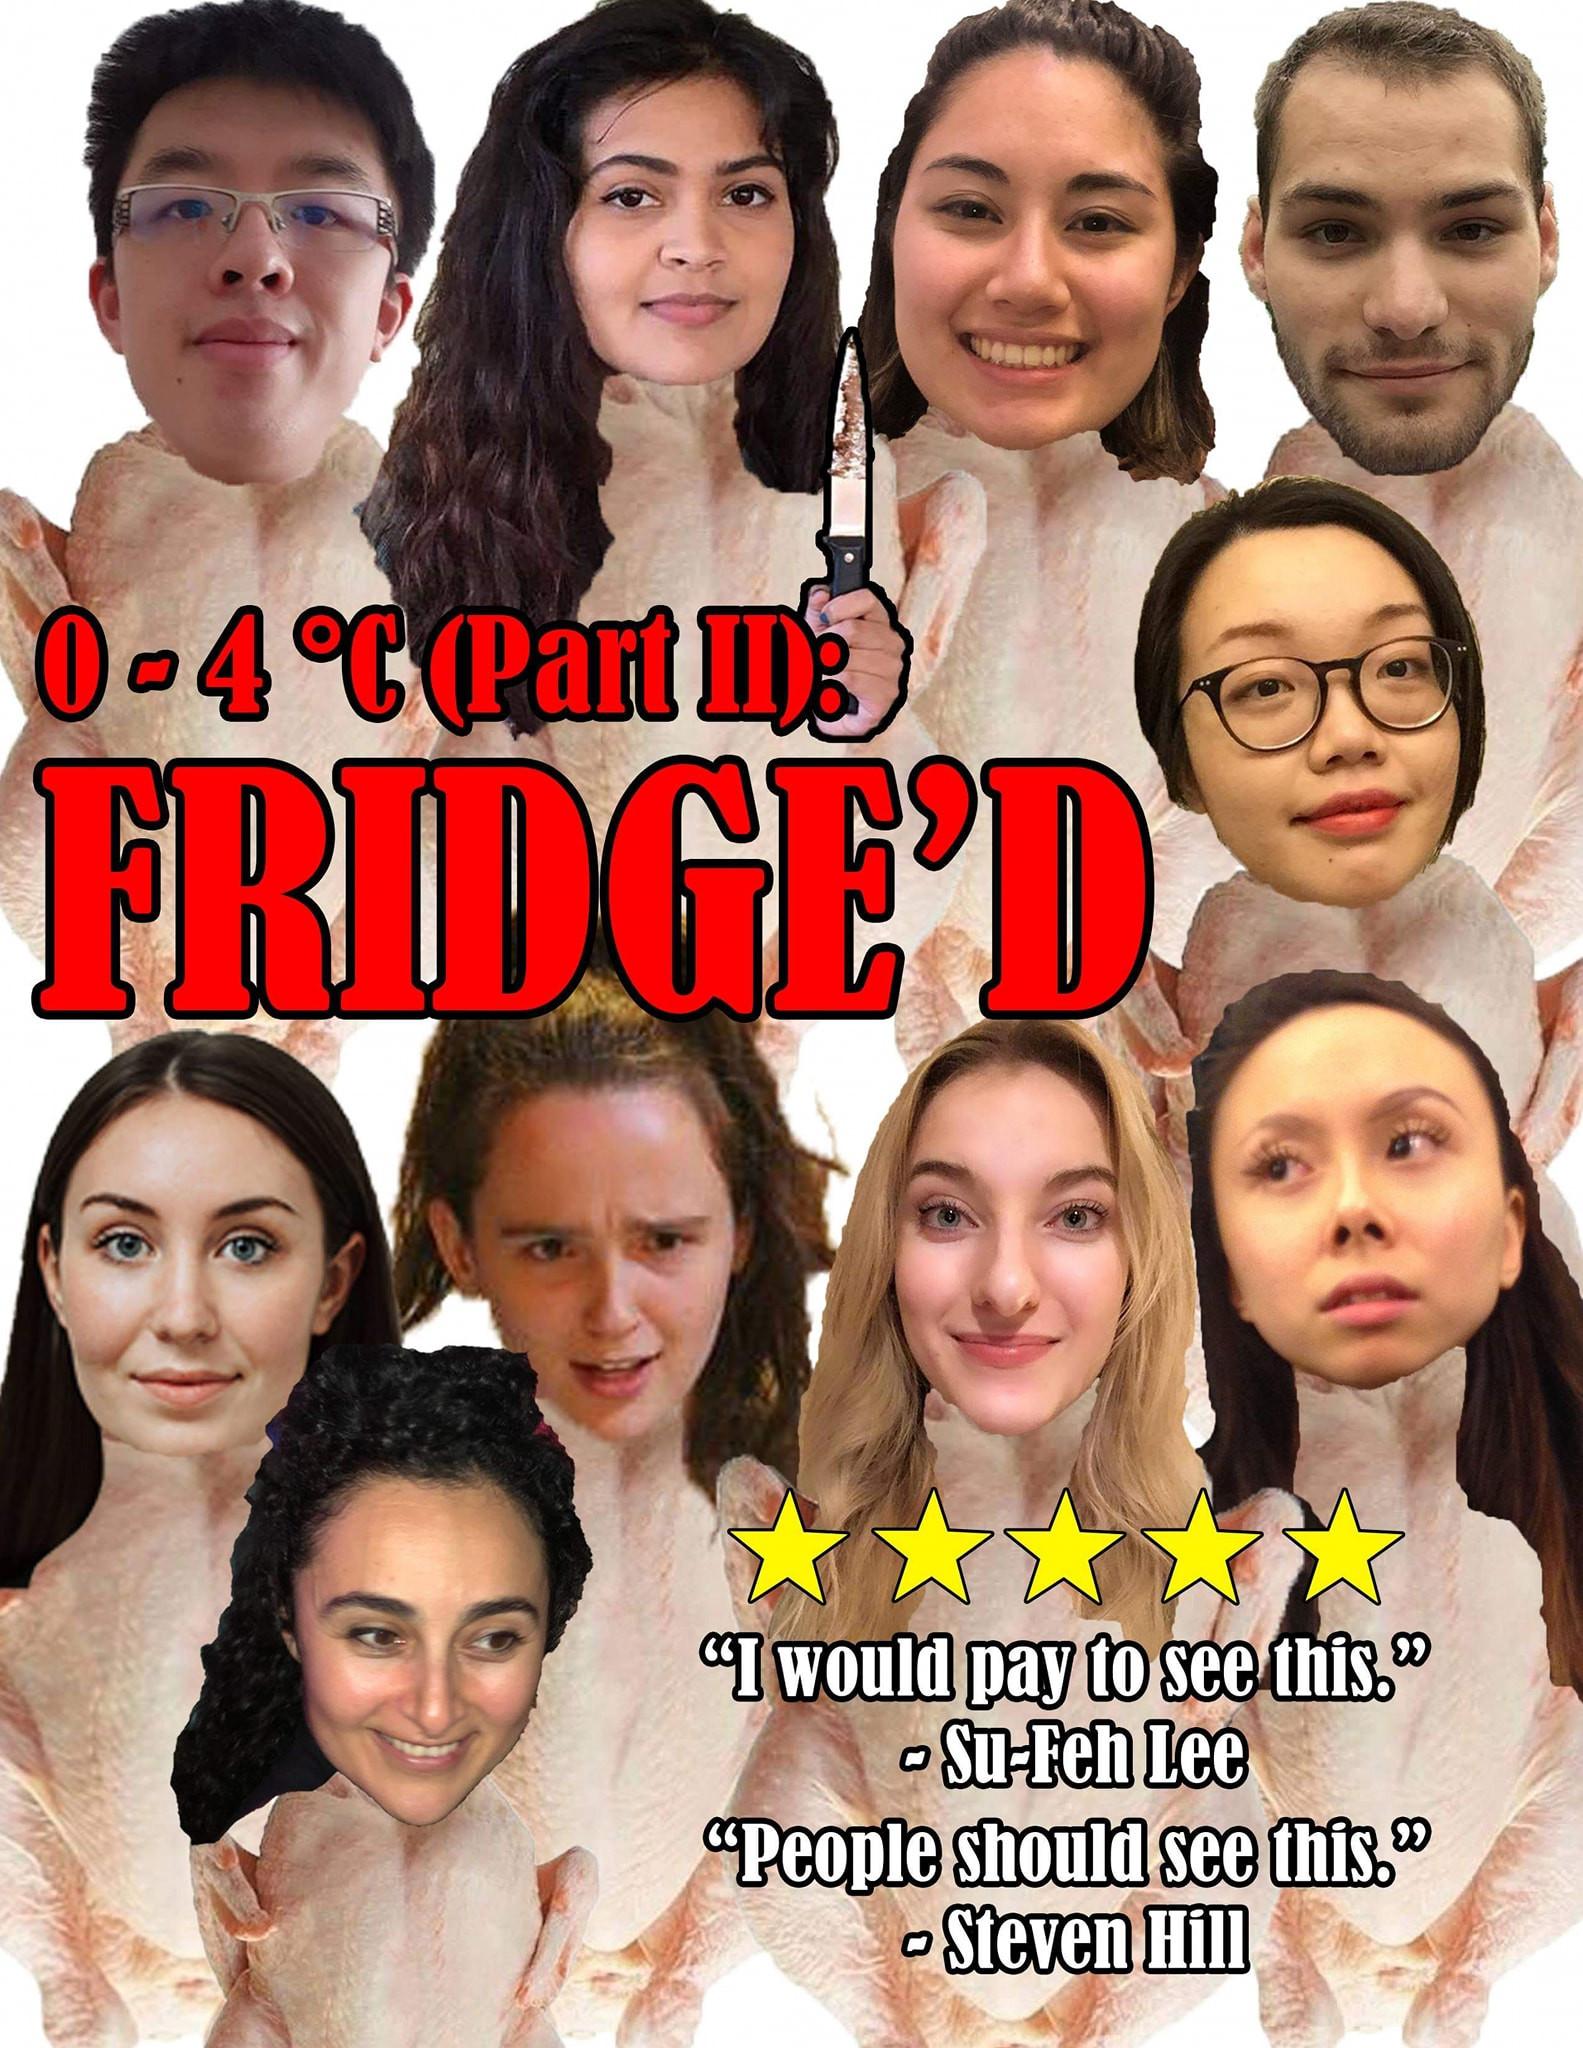 0-4 degrees fridge'd